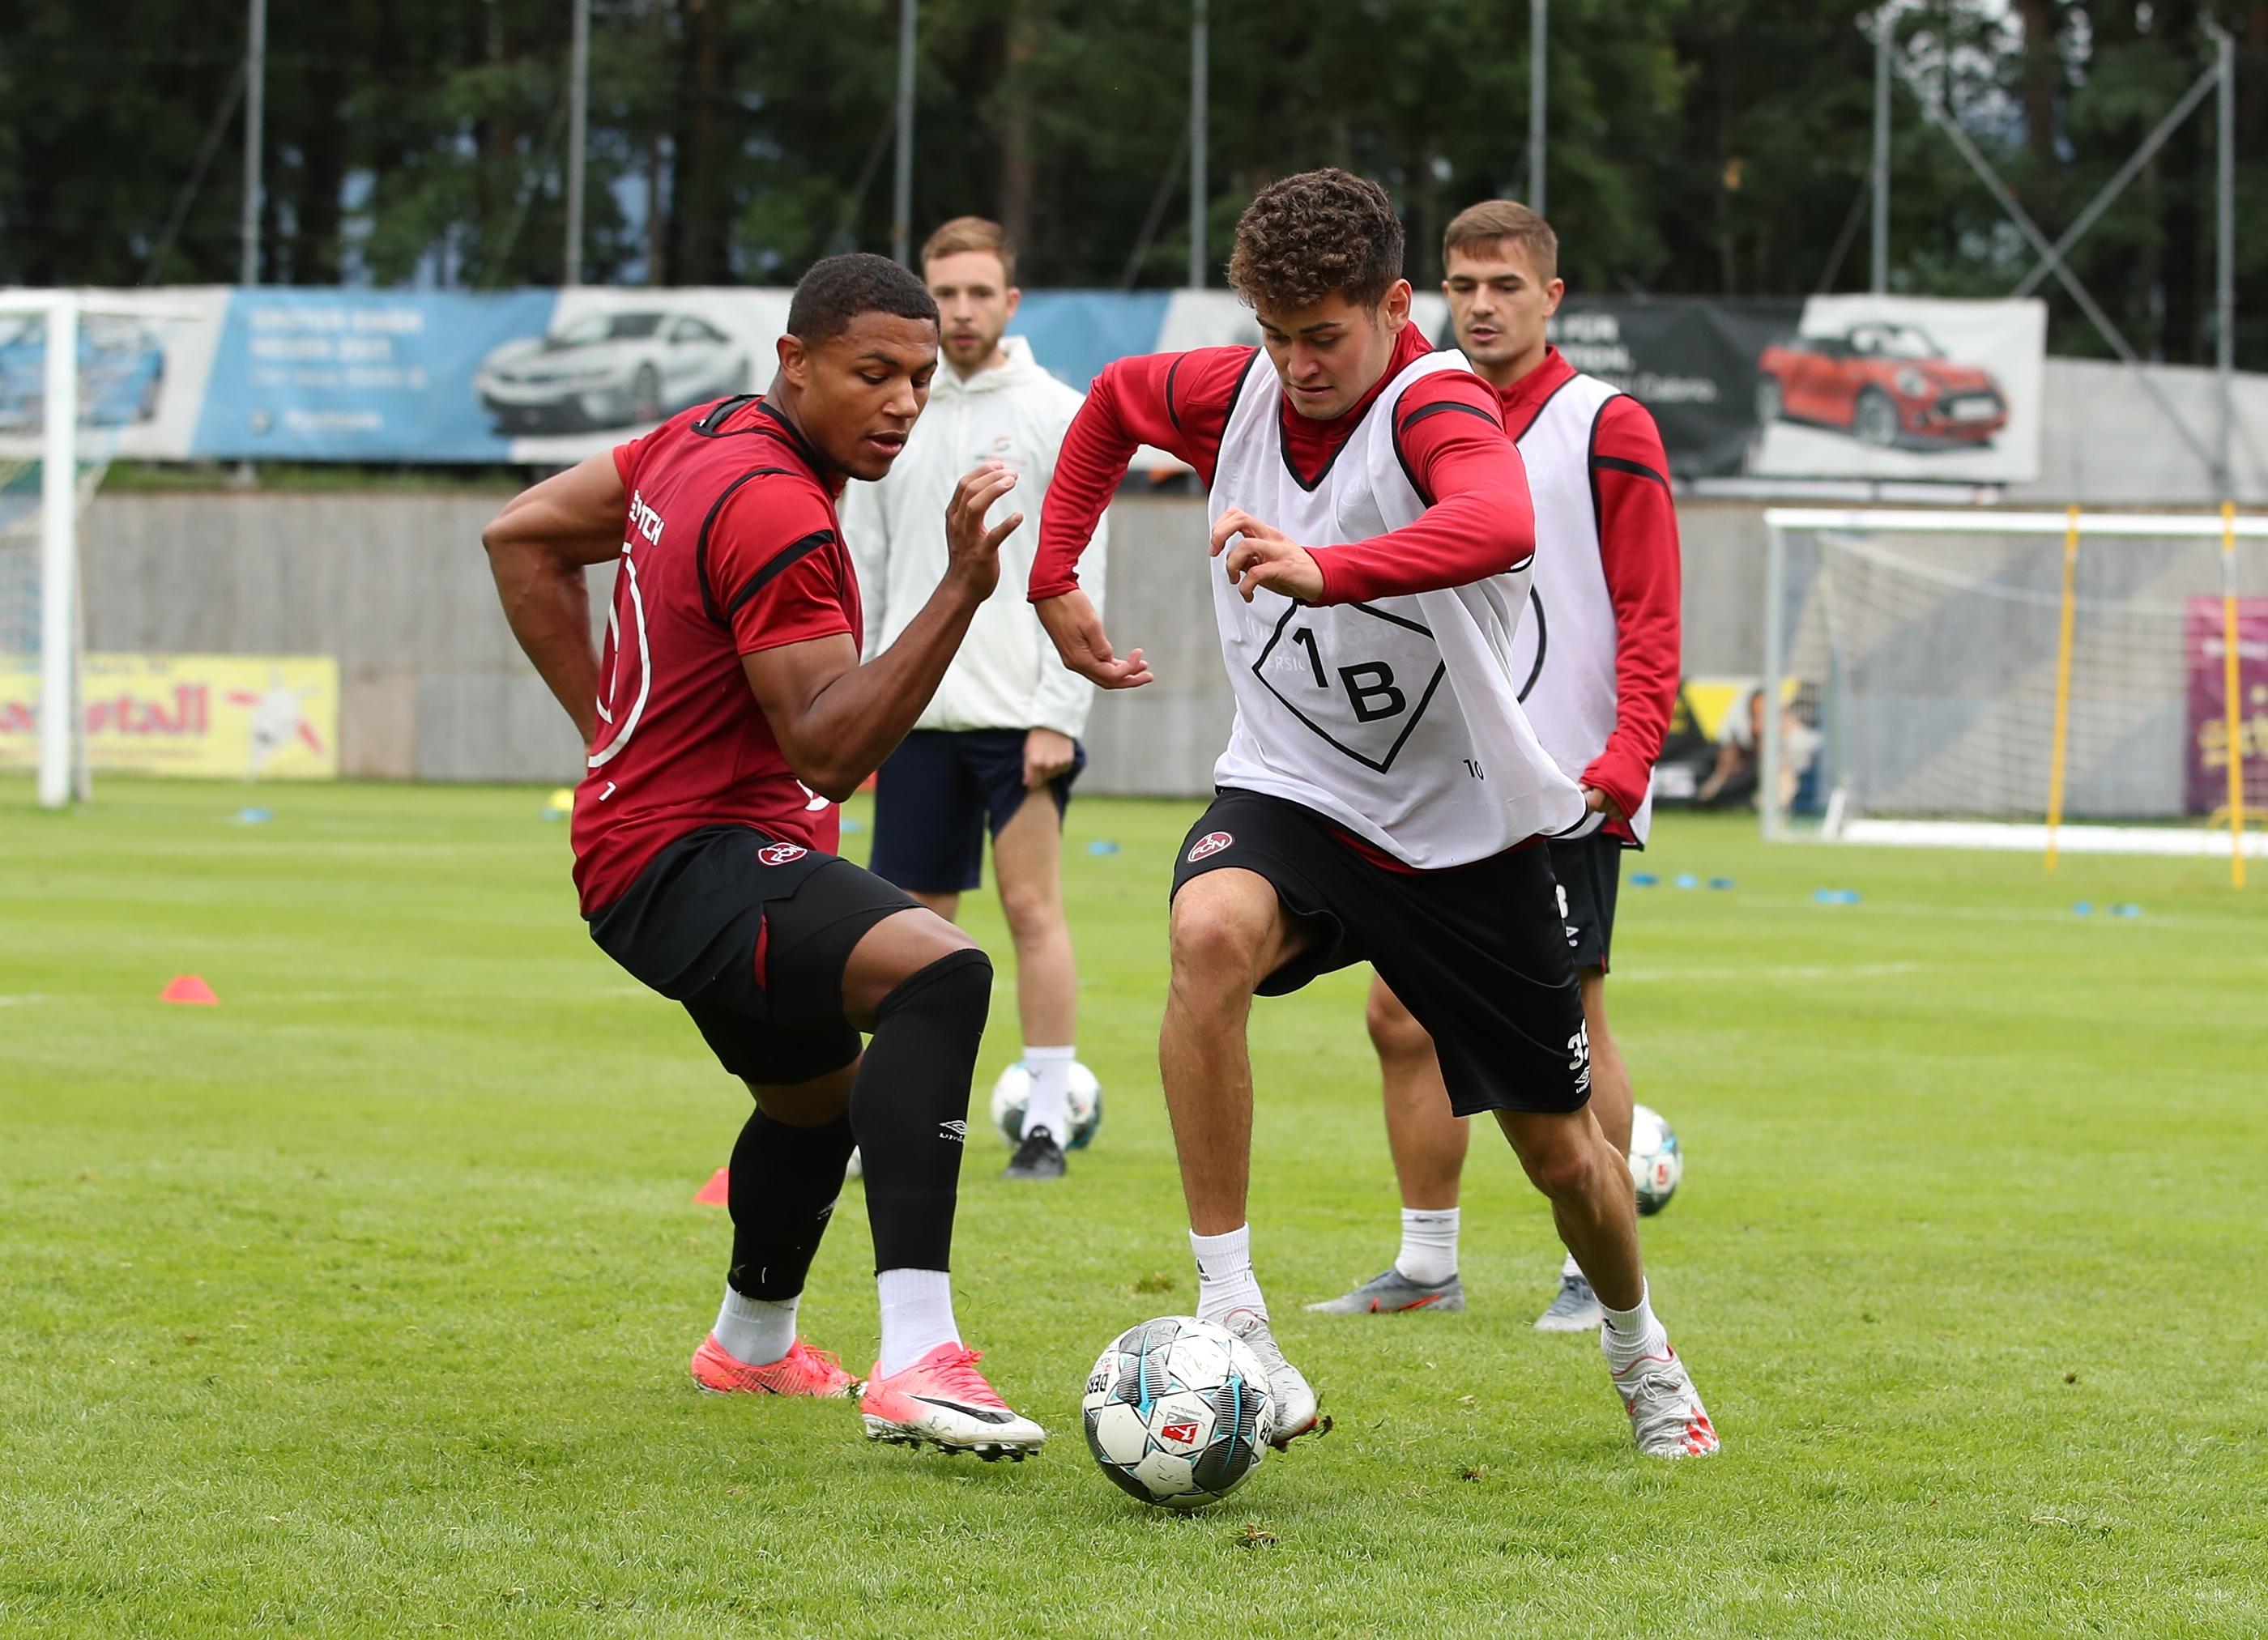 Die Profis vom 1. FC Nürnberg trainieren ab sofort mit RESWITCH!